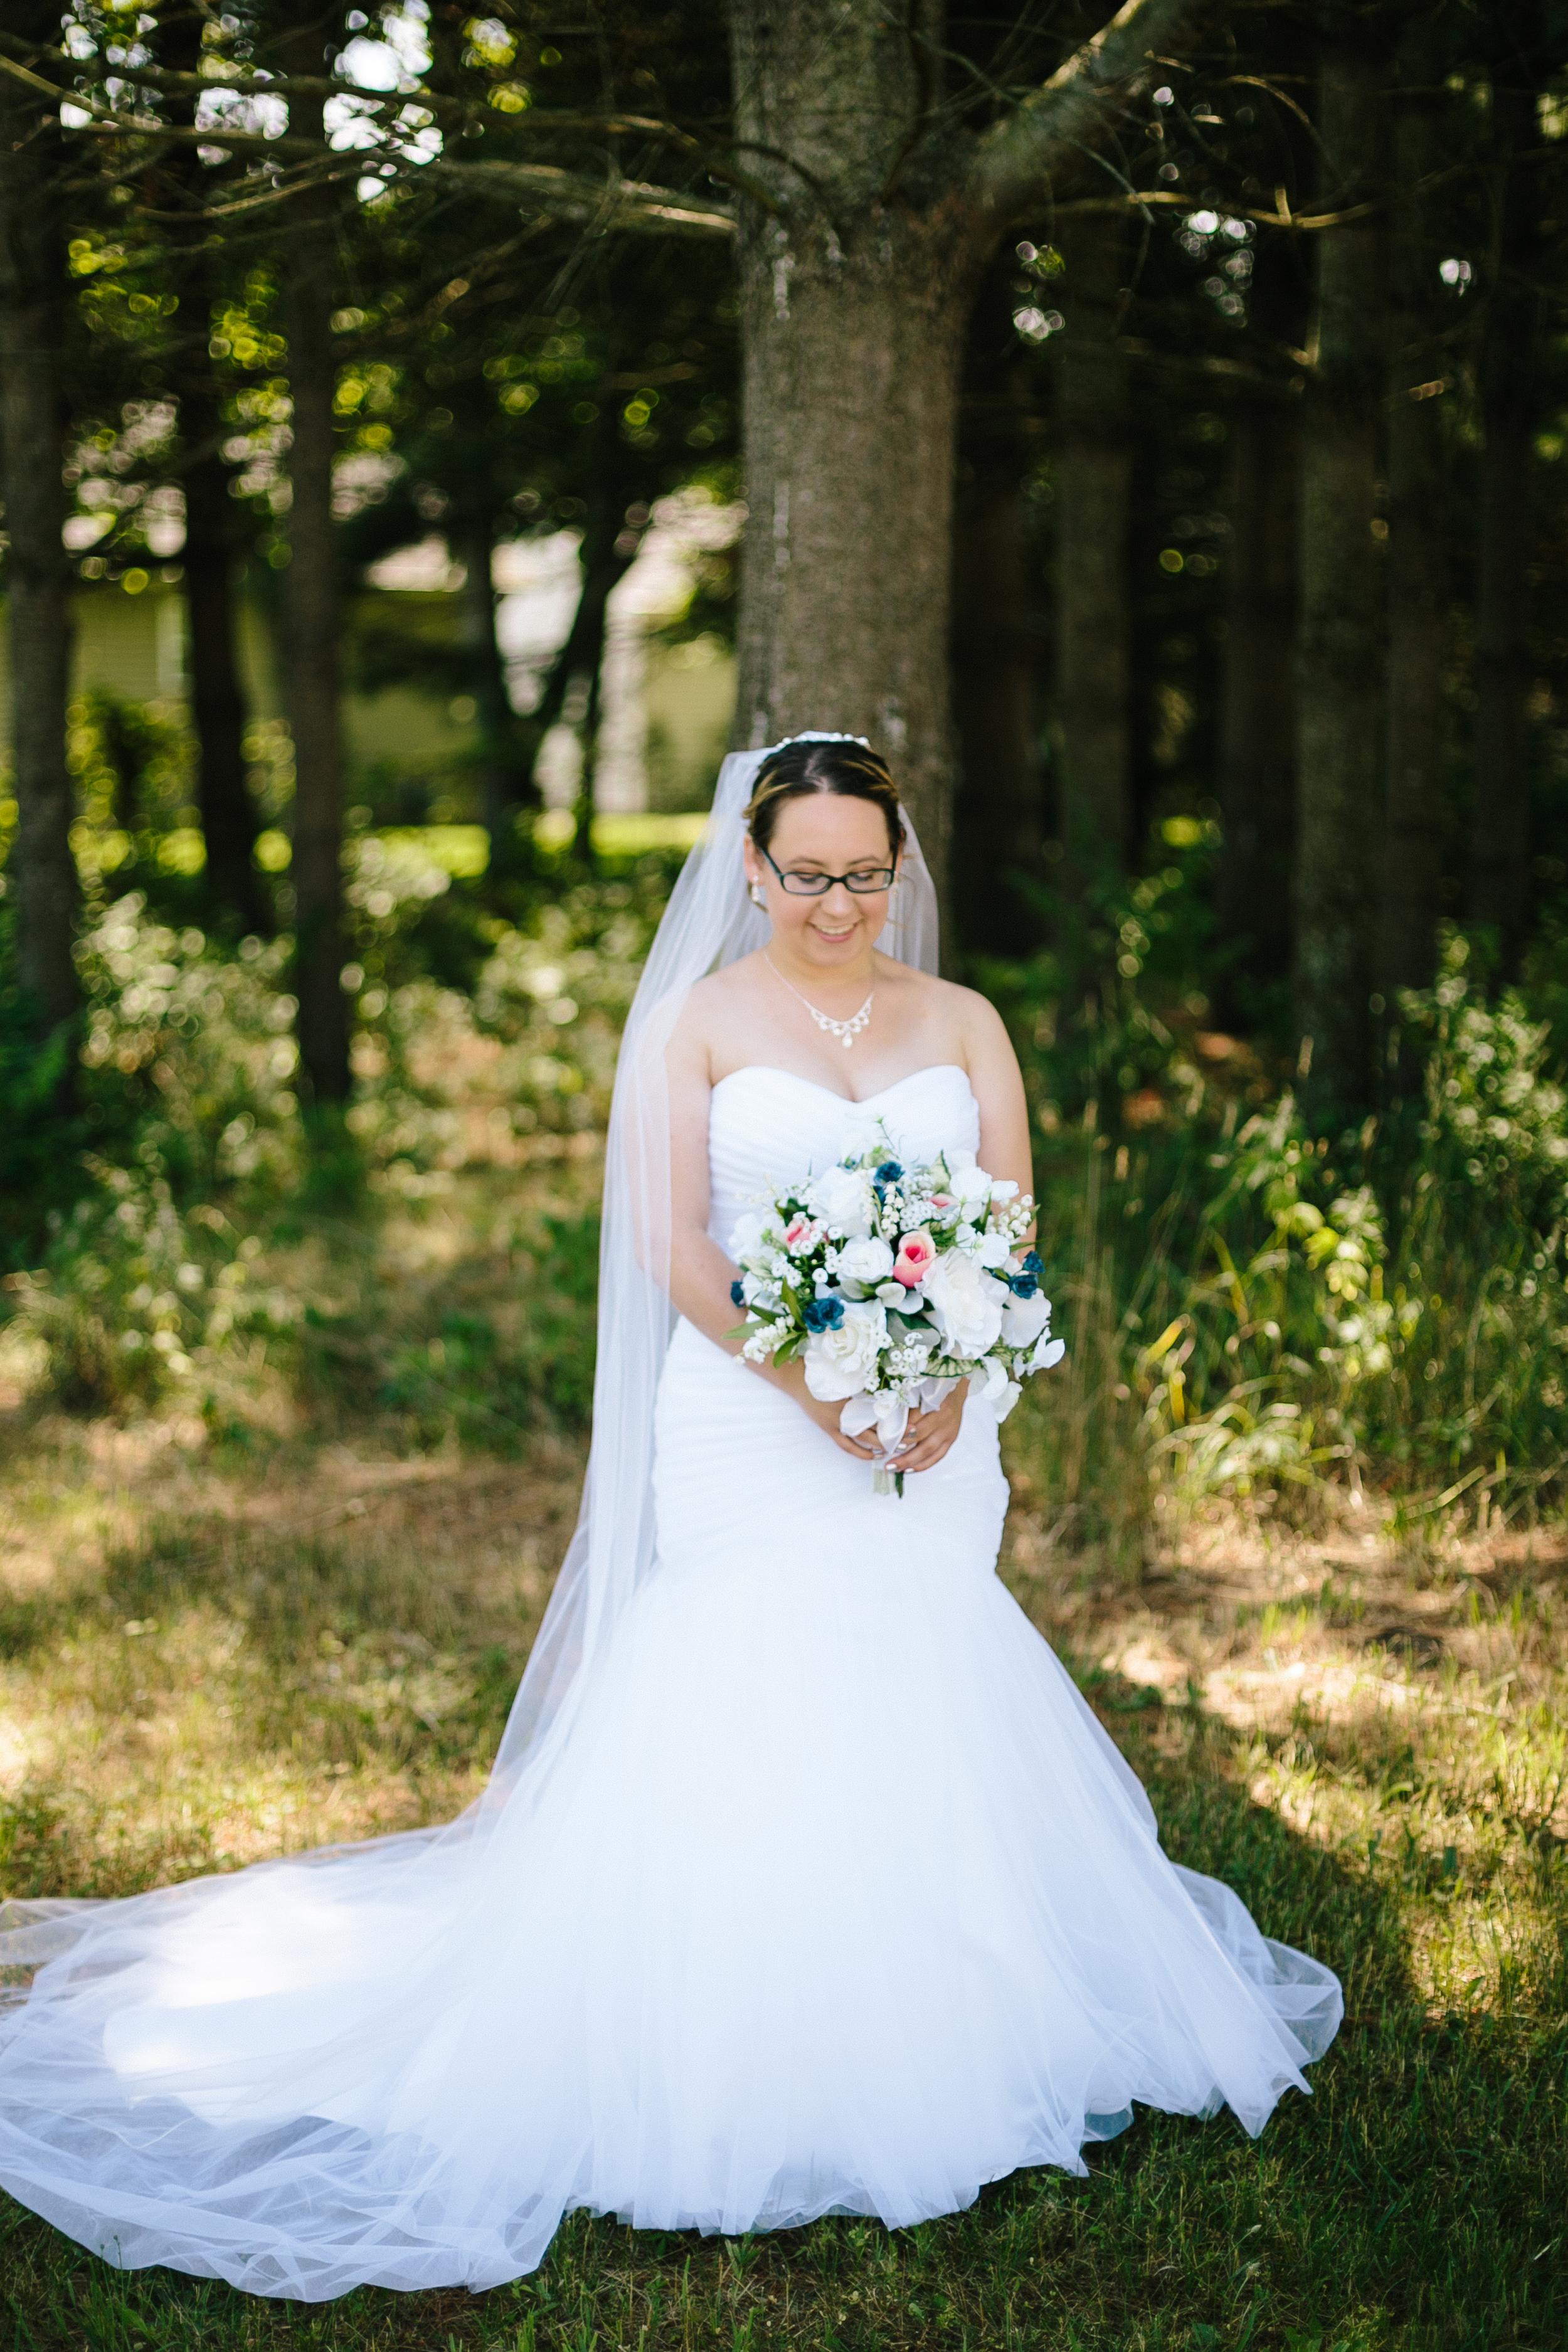 Peter & Rachel Married - South Bend, Indiana-120.jpg